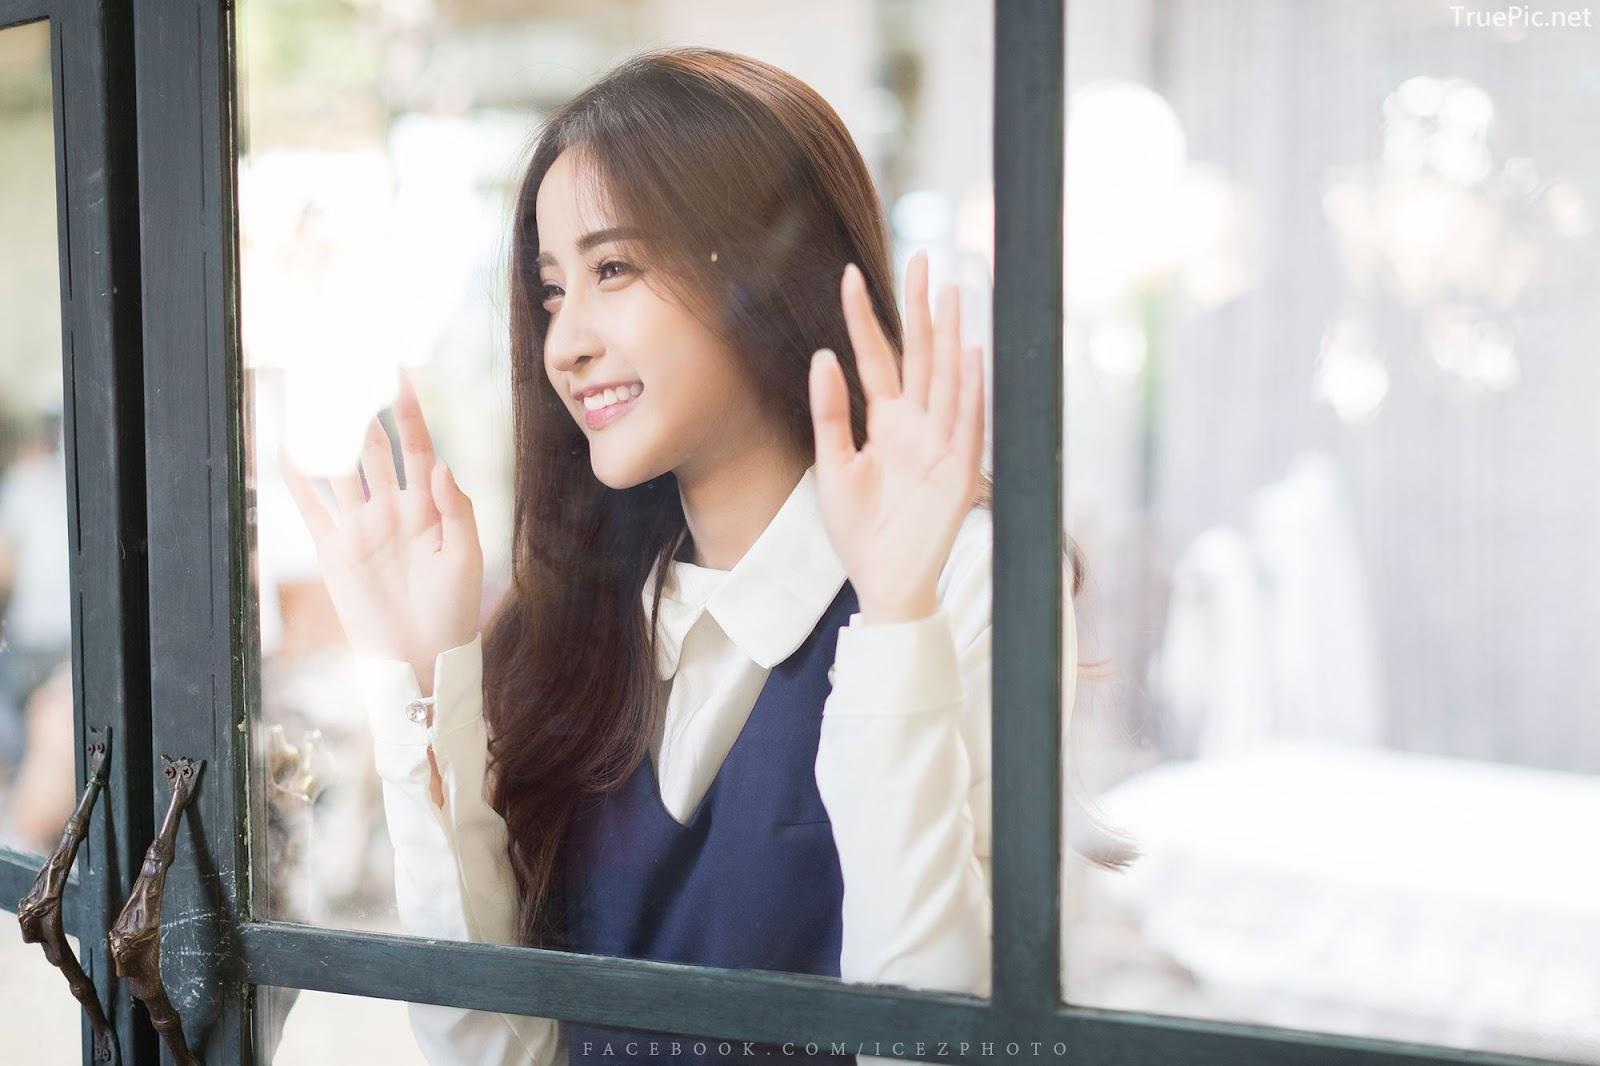 Thailand Hot Girl - Thanyarat Charoenpornkittada - Welcome to my world - TruePic.net - Picture 6